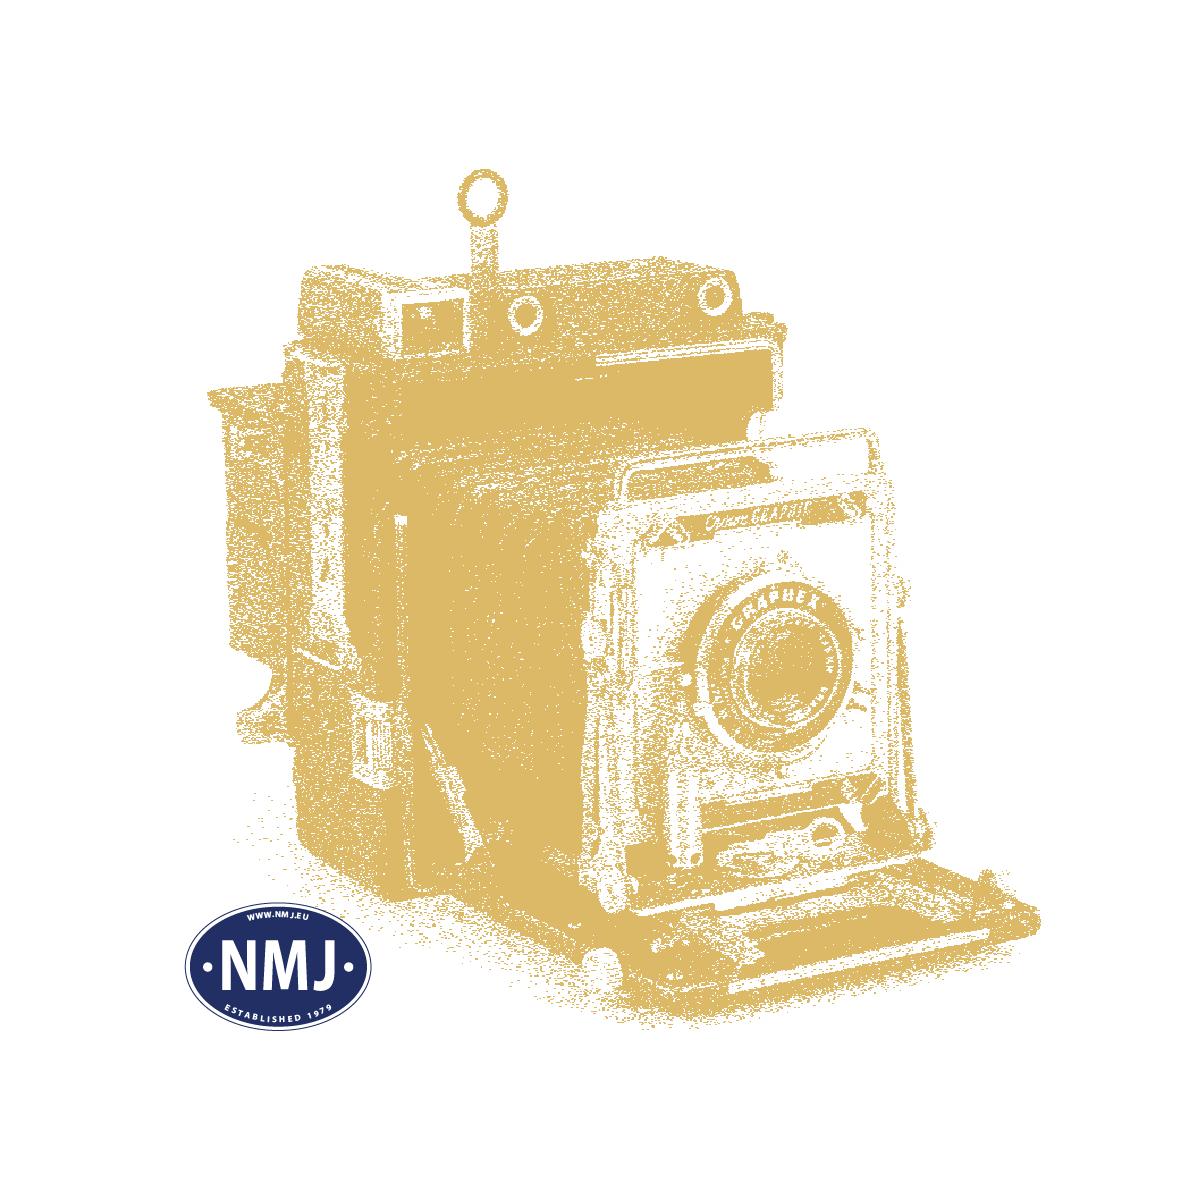 NMJT403.102 - NMJ Topline MAV Personvogn Bpmz 20-91 113-7, 2. Class Open